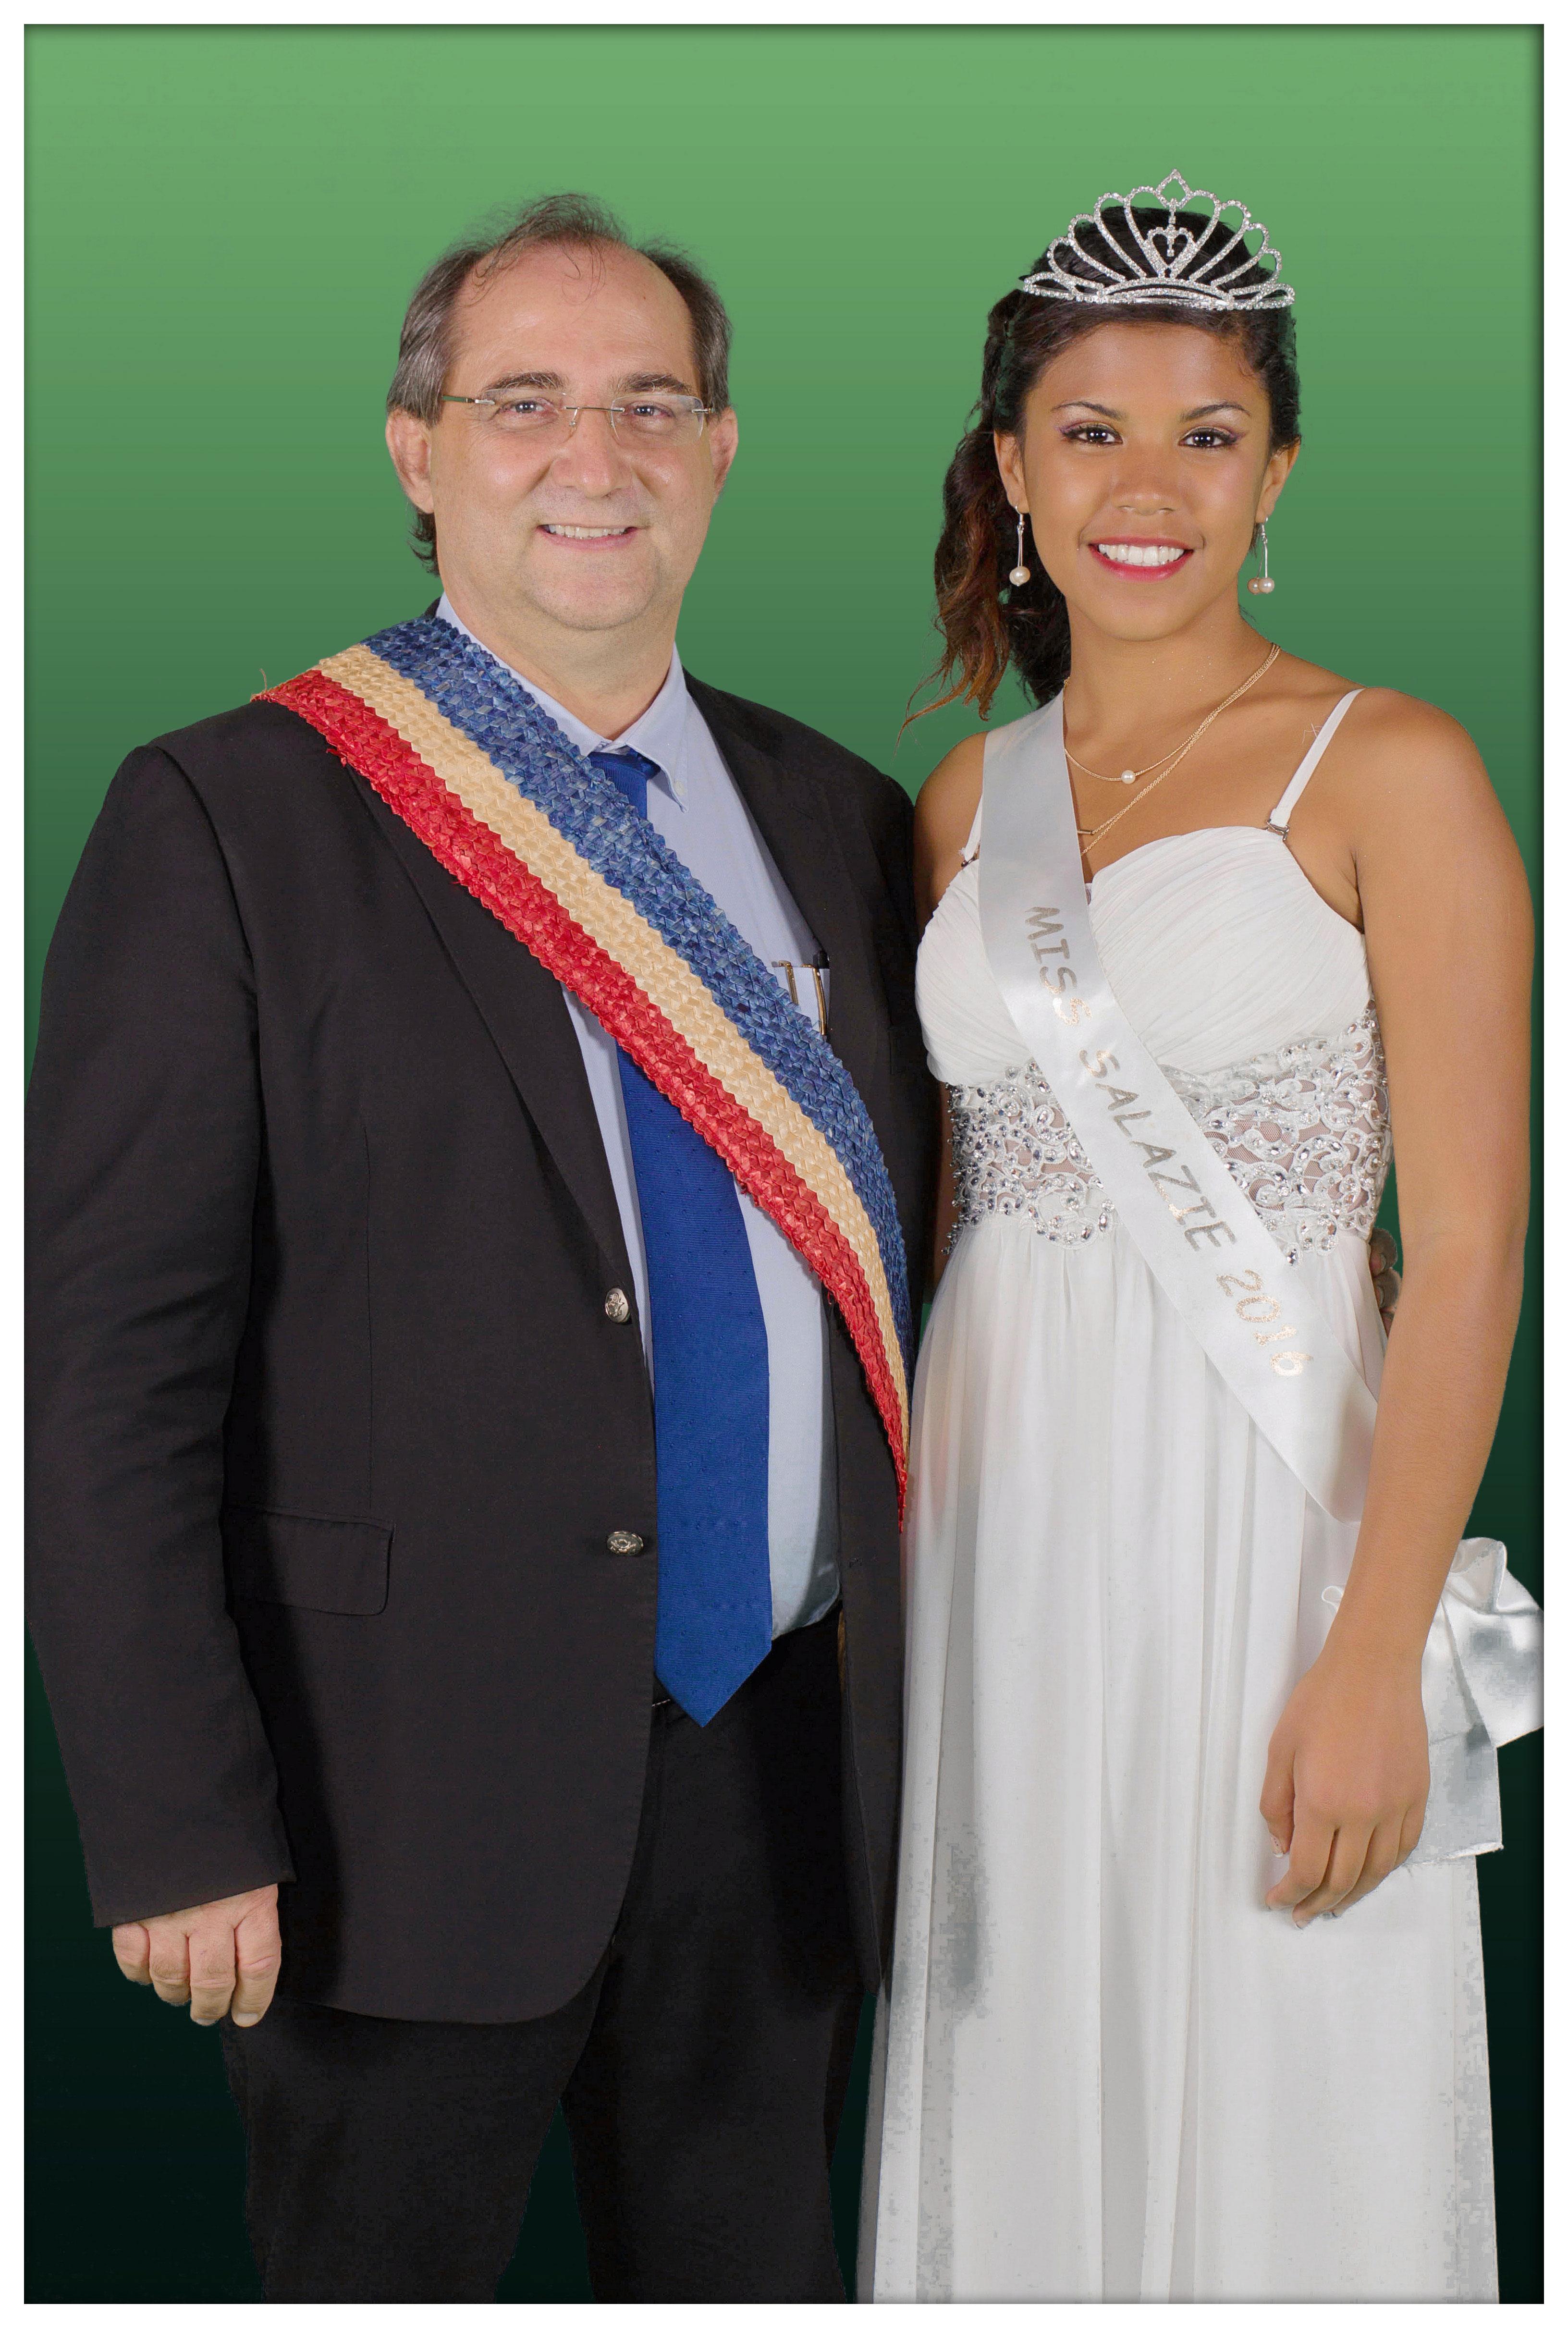 Stéphane Fouassin, le maire de Salazie, avec la nouvelle ambassadrice de sa commune